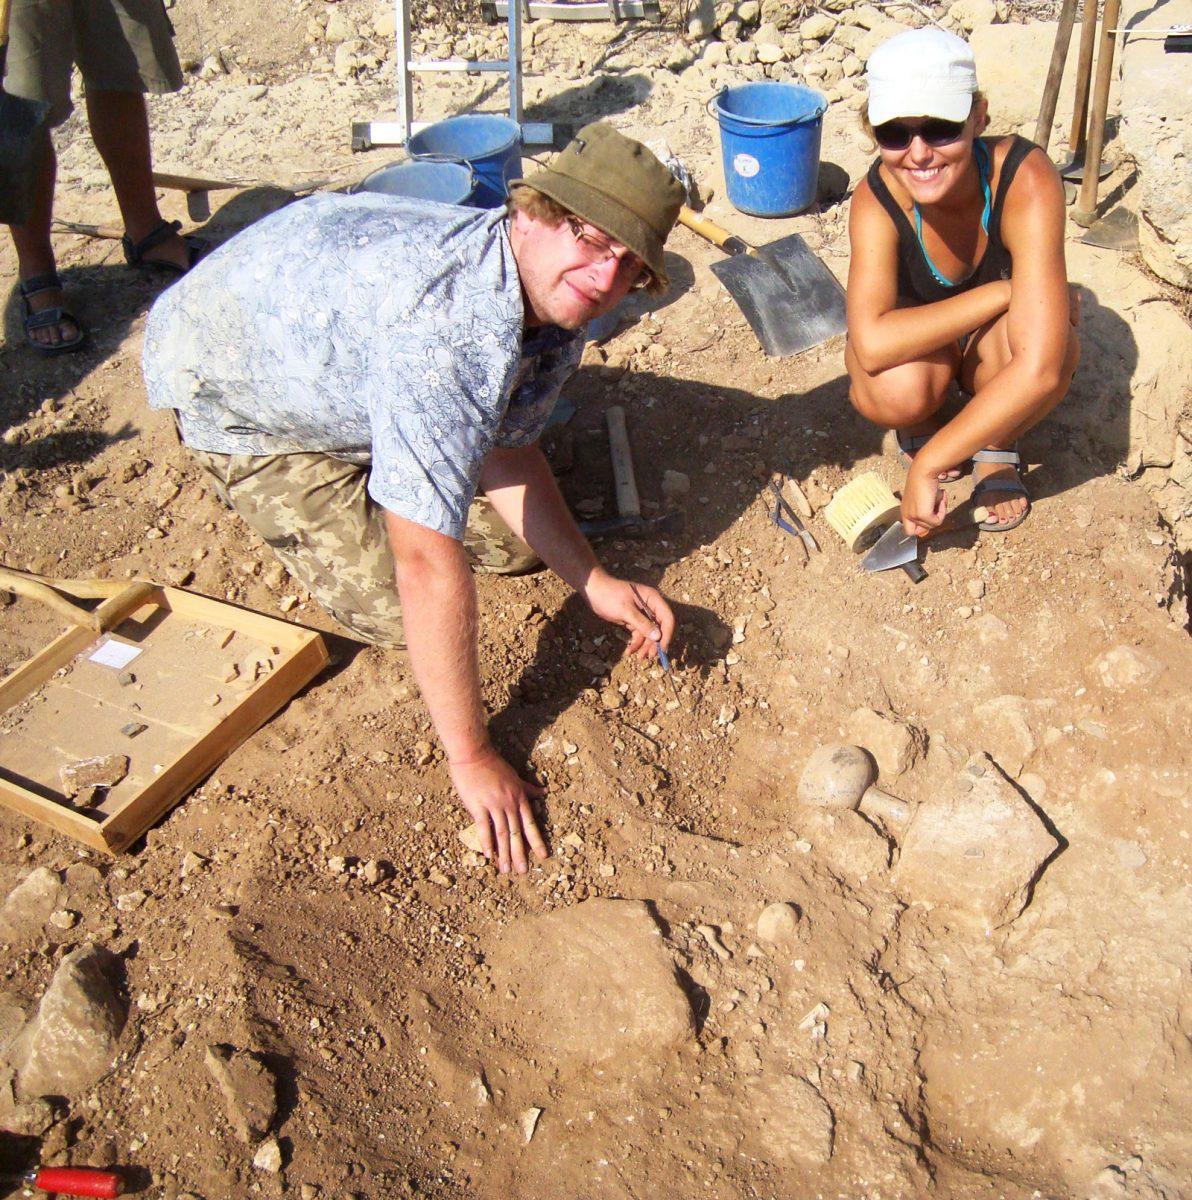 Αγορά Νέας Πάφου: Τομή ΙΙ, ανασκαφή γυάλινων αγγείων, νομισμάτων και λύχνων στο Δωμάτιο 15. Φωτ.: E. Papuci-Wladyka.